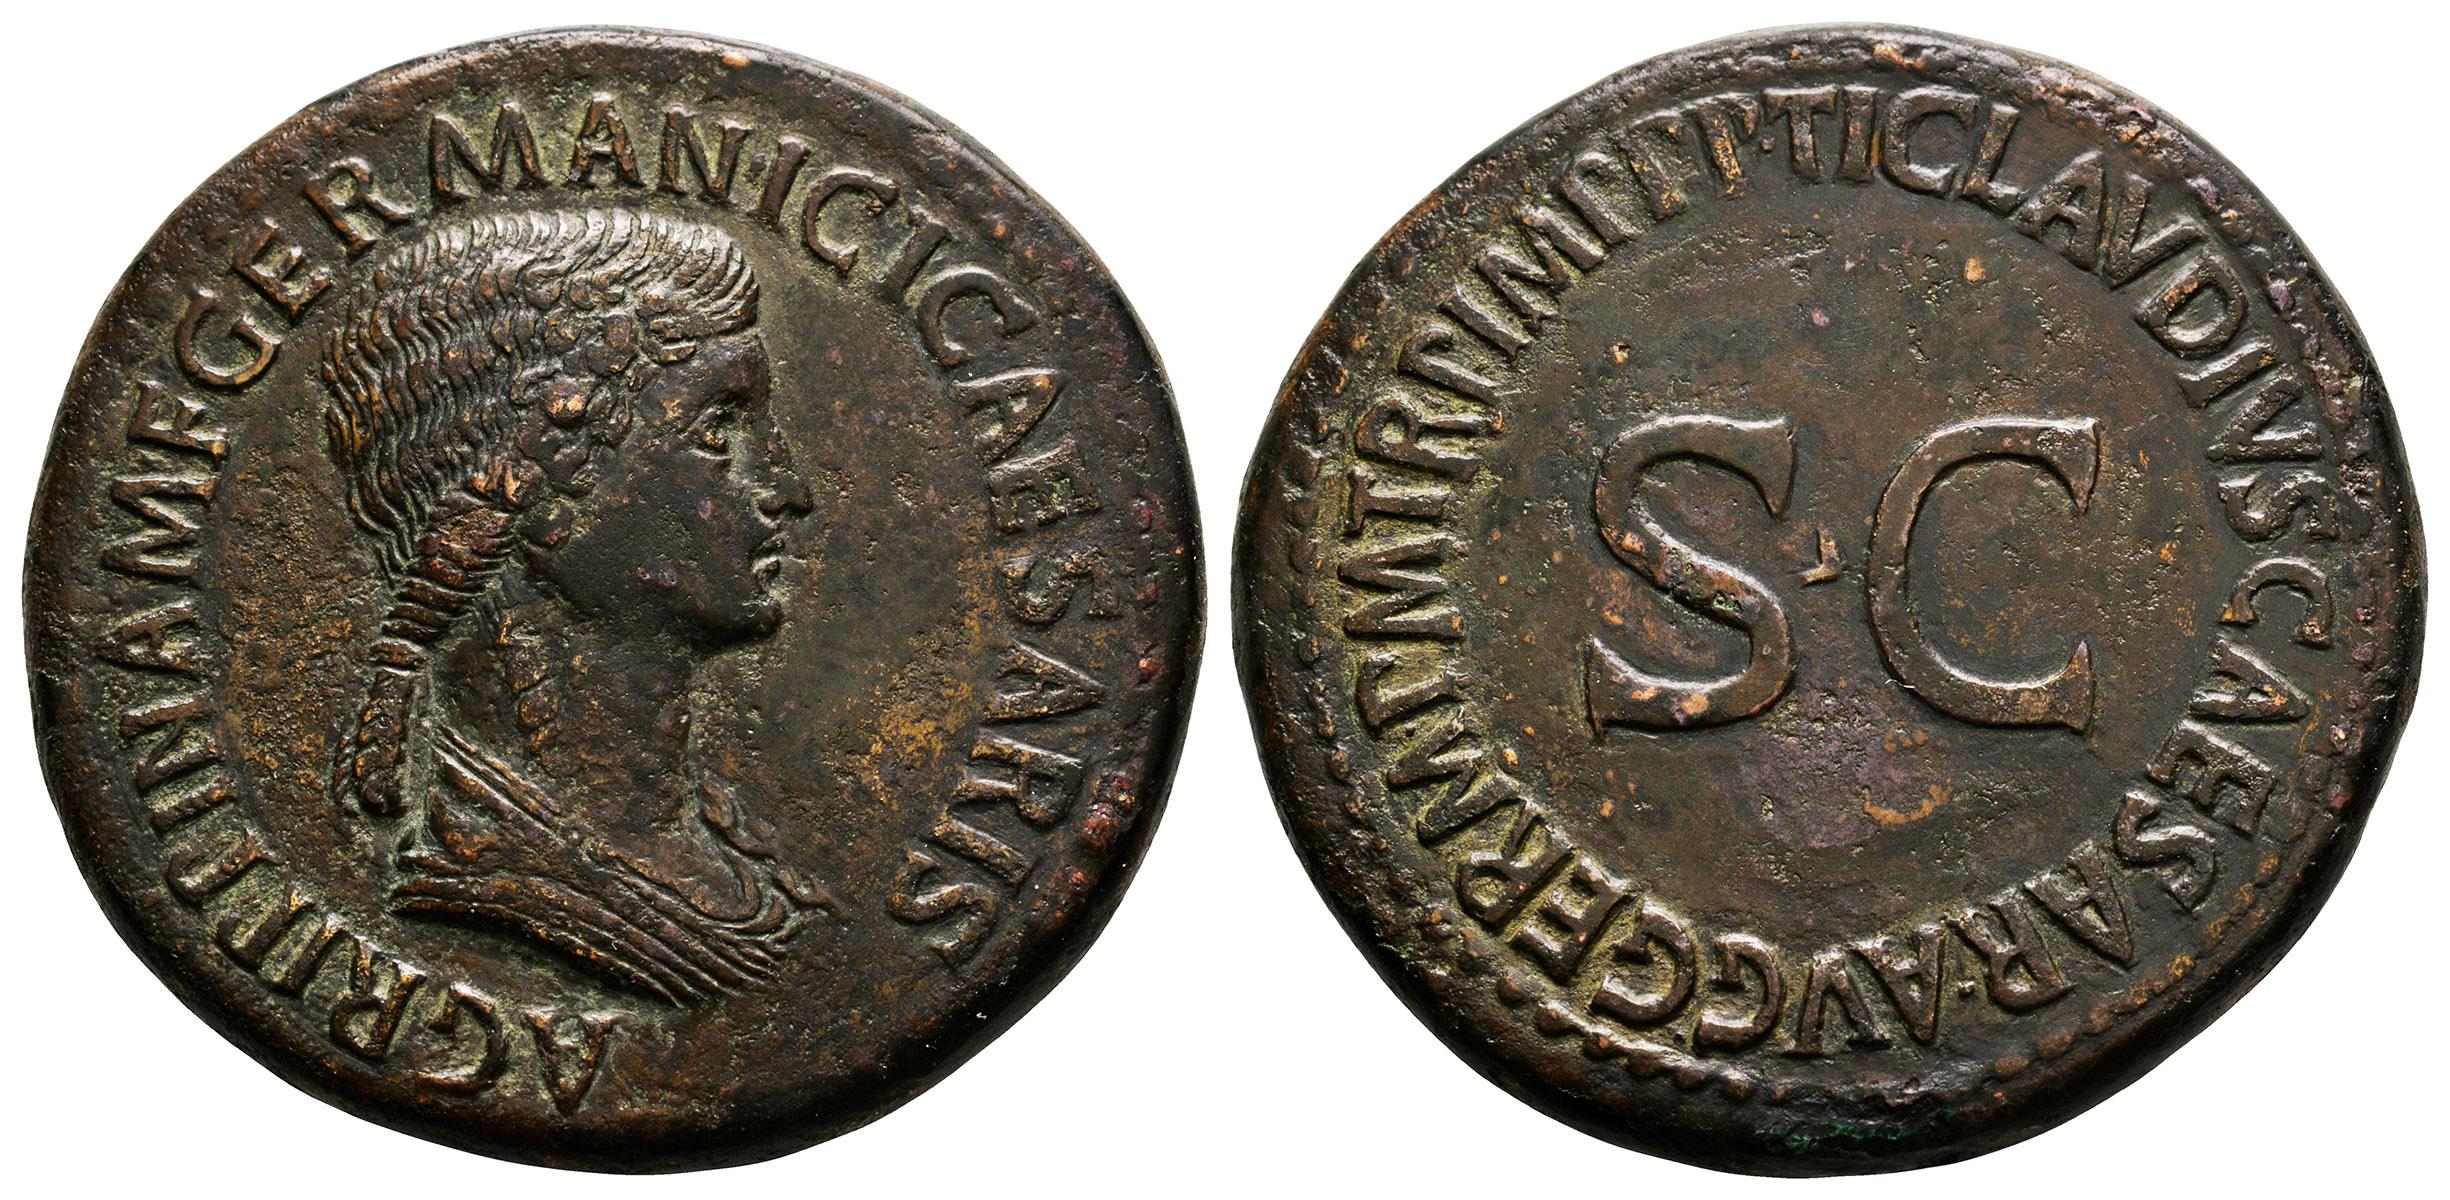 Ancient Roman Imperial Coins - Agrippina Senior (under Claudius) - S C Sestertius